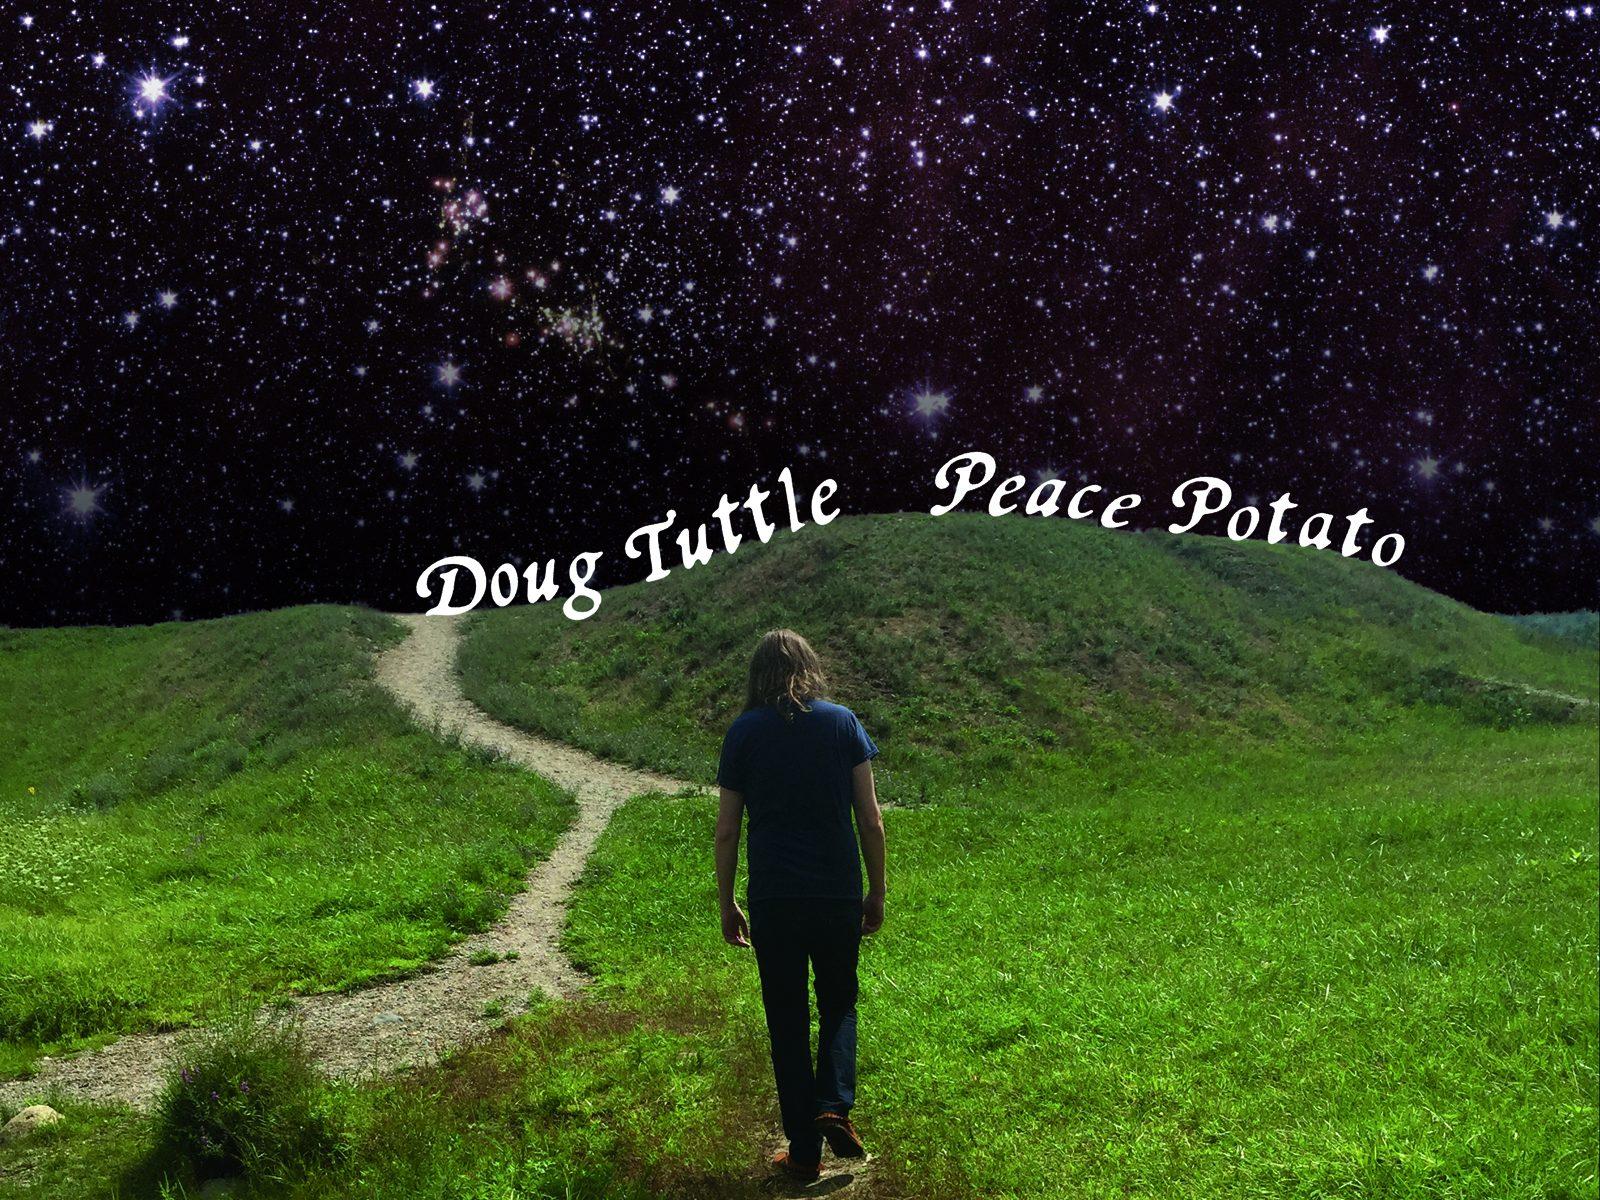 Doug Tuttle | Peace Potato | 3hive.com